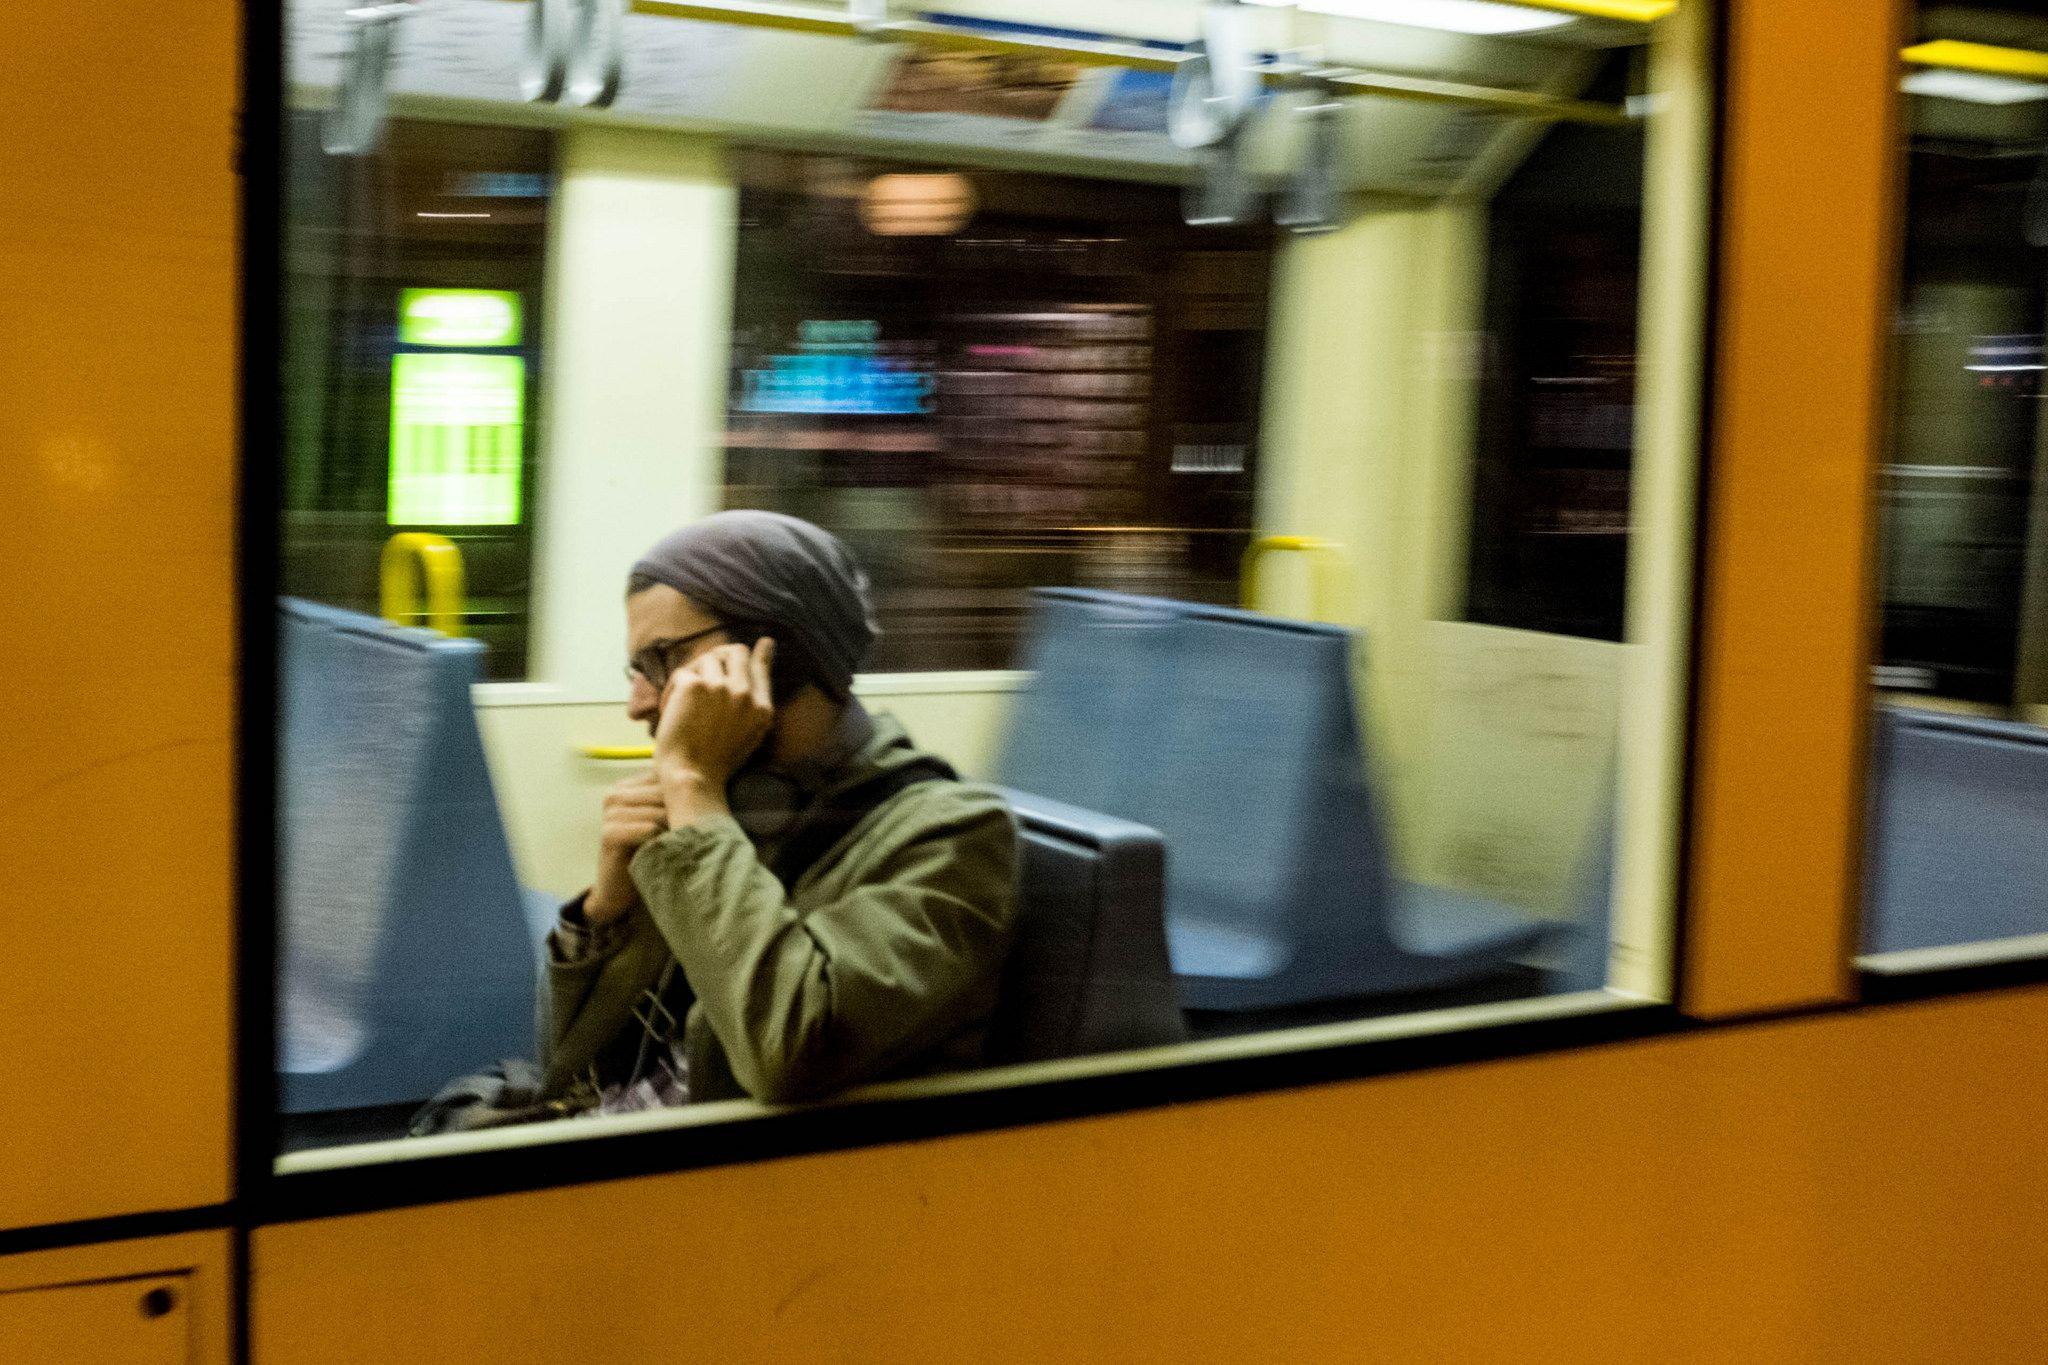 Galateo e tecnologia: quando viaggiare con i mezzi pubblici diventa un incubo